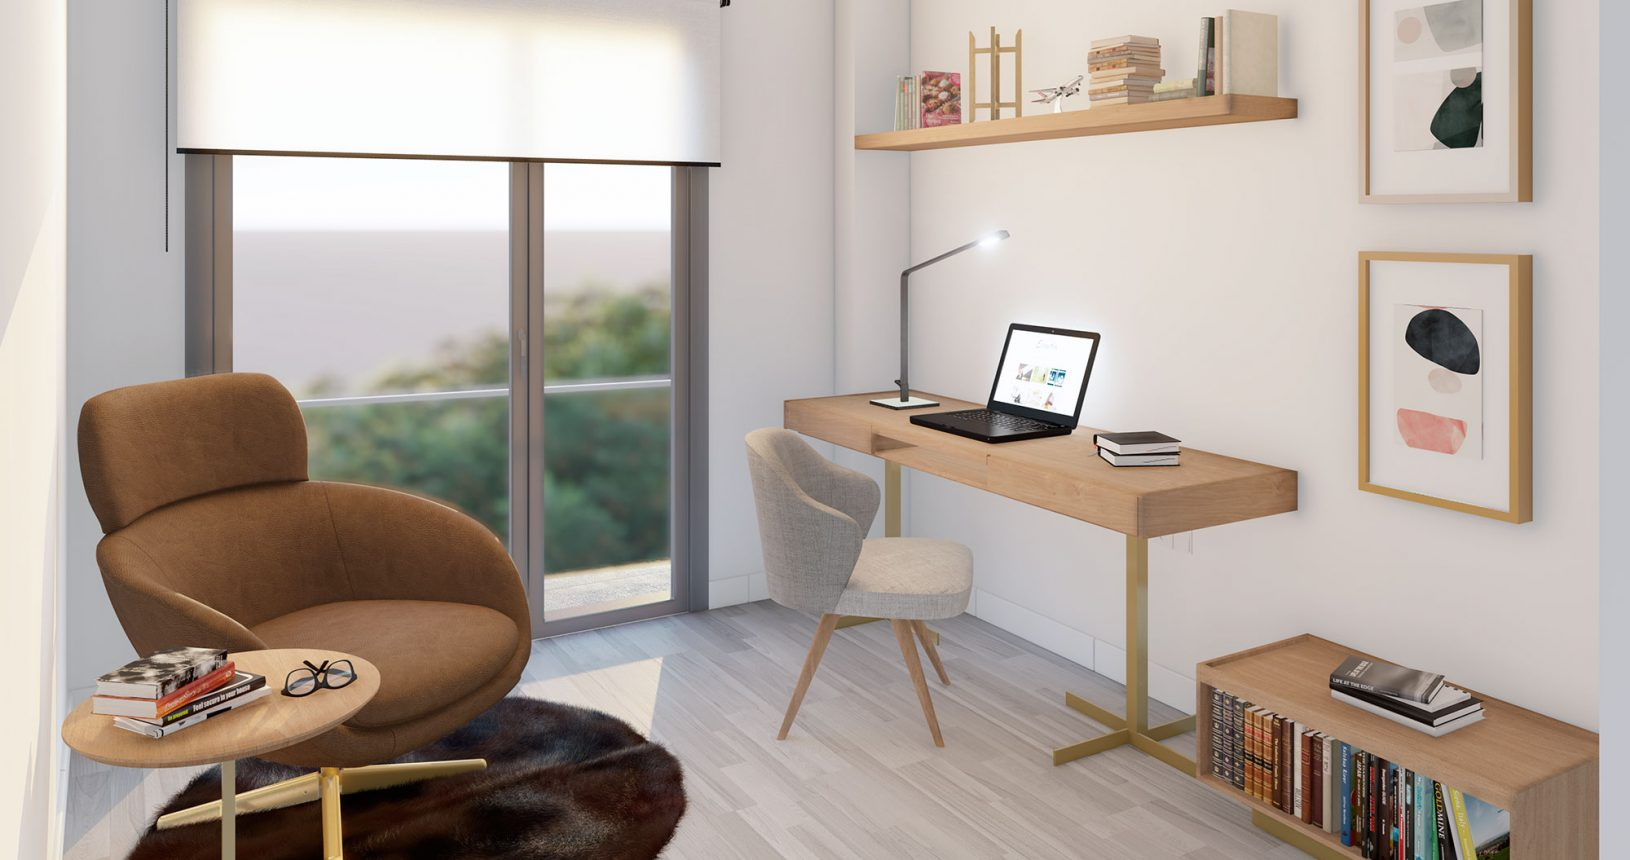 Despacho en ático de la promoción de viviendas Bilbao en Paiporta